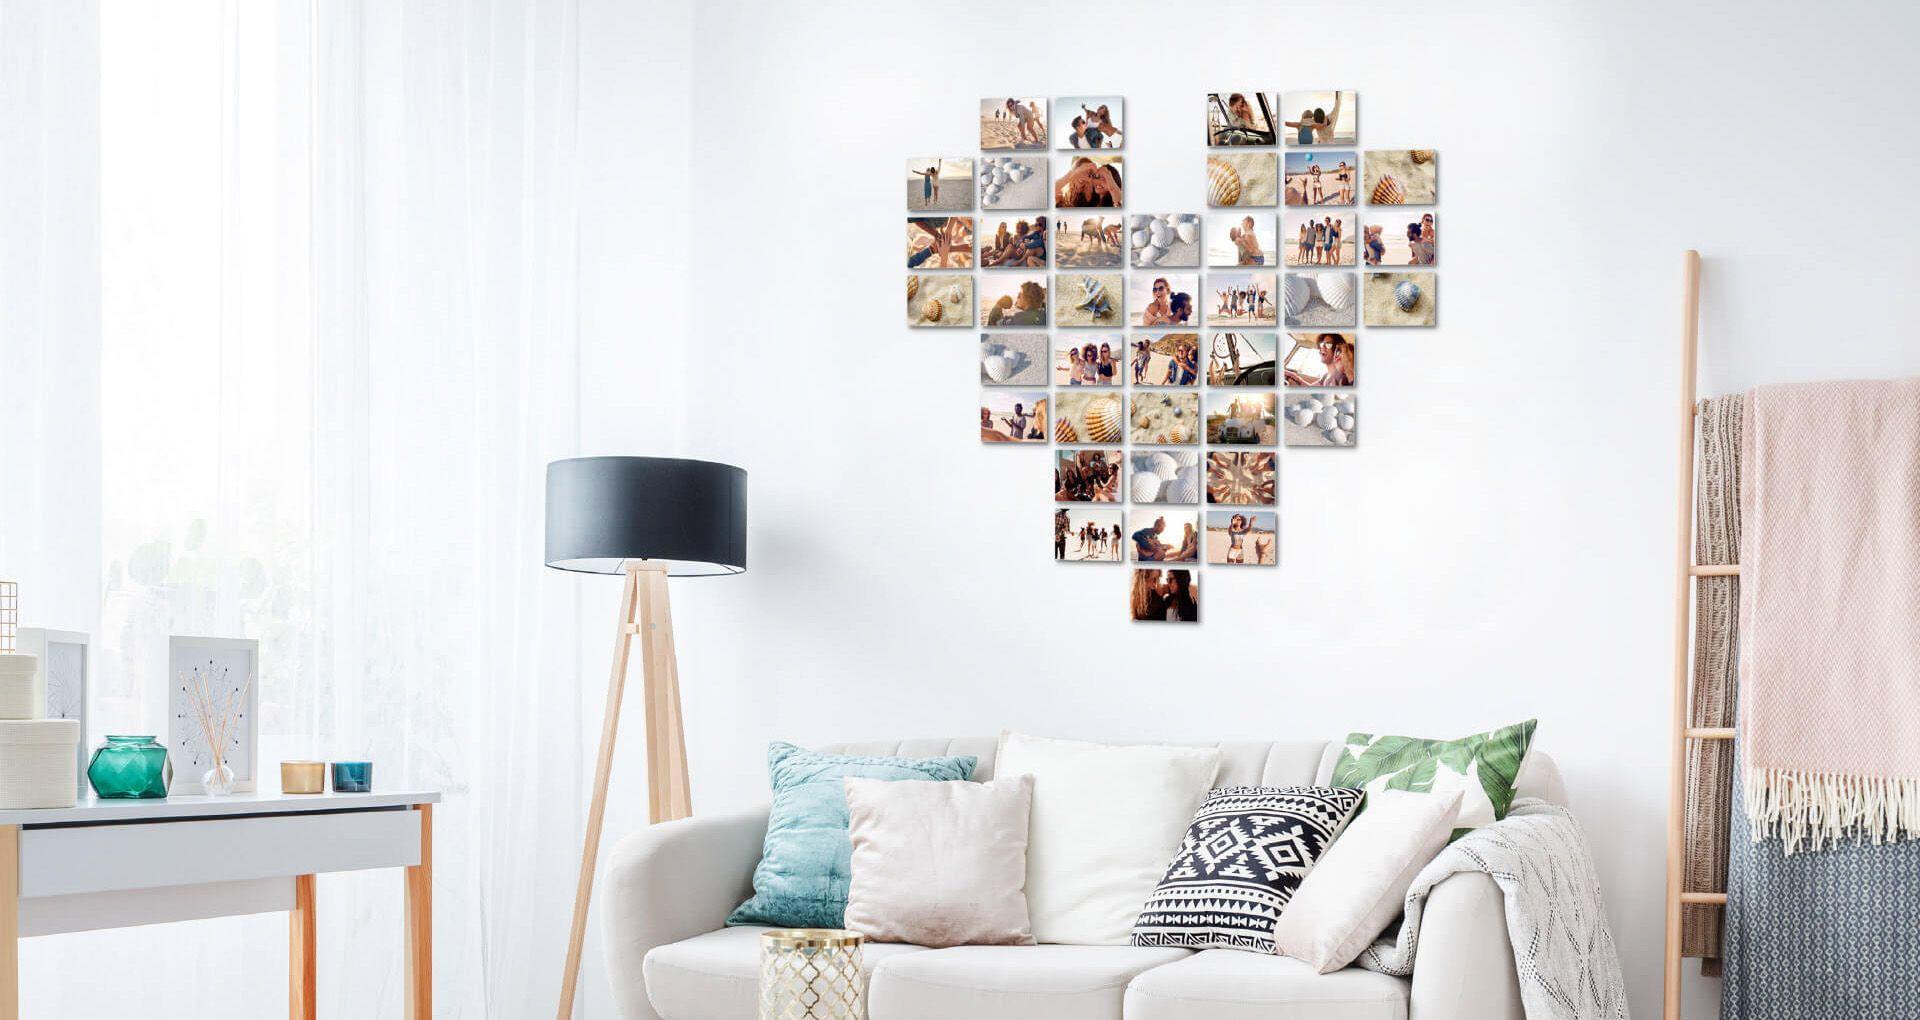 6 Ide Hiasan Dinding Yang Bisa Ditiru Untuk Kamar Minimalis